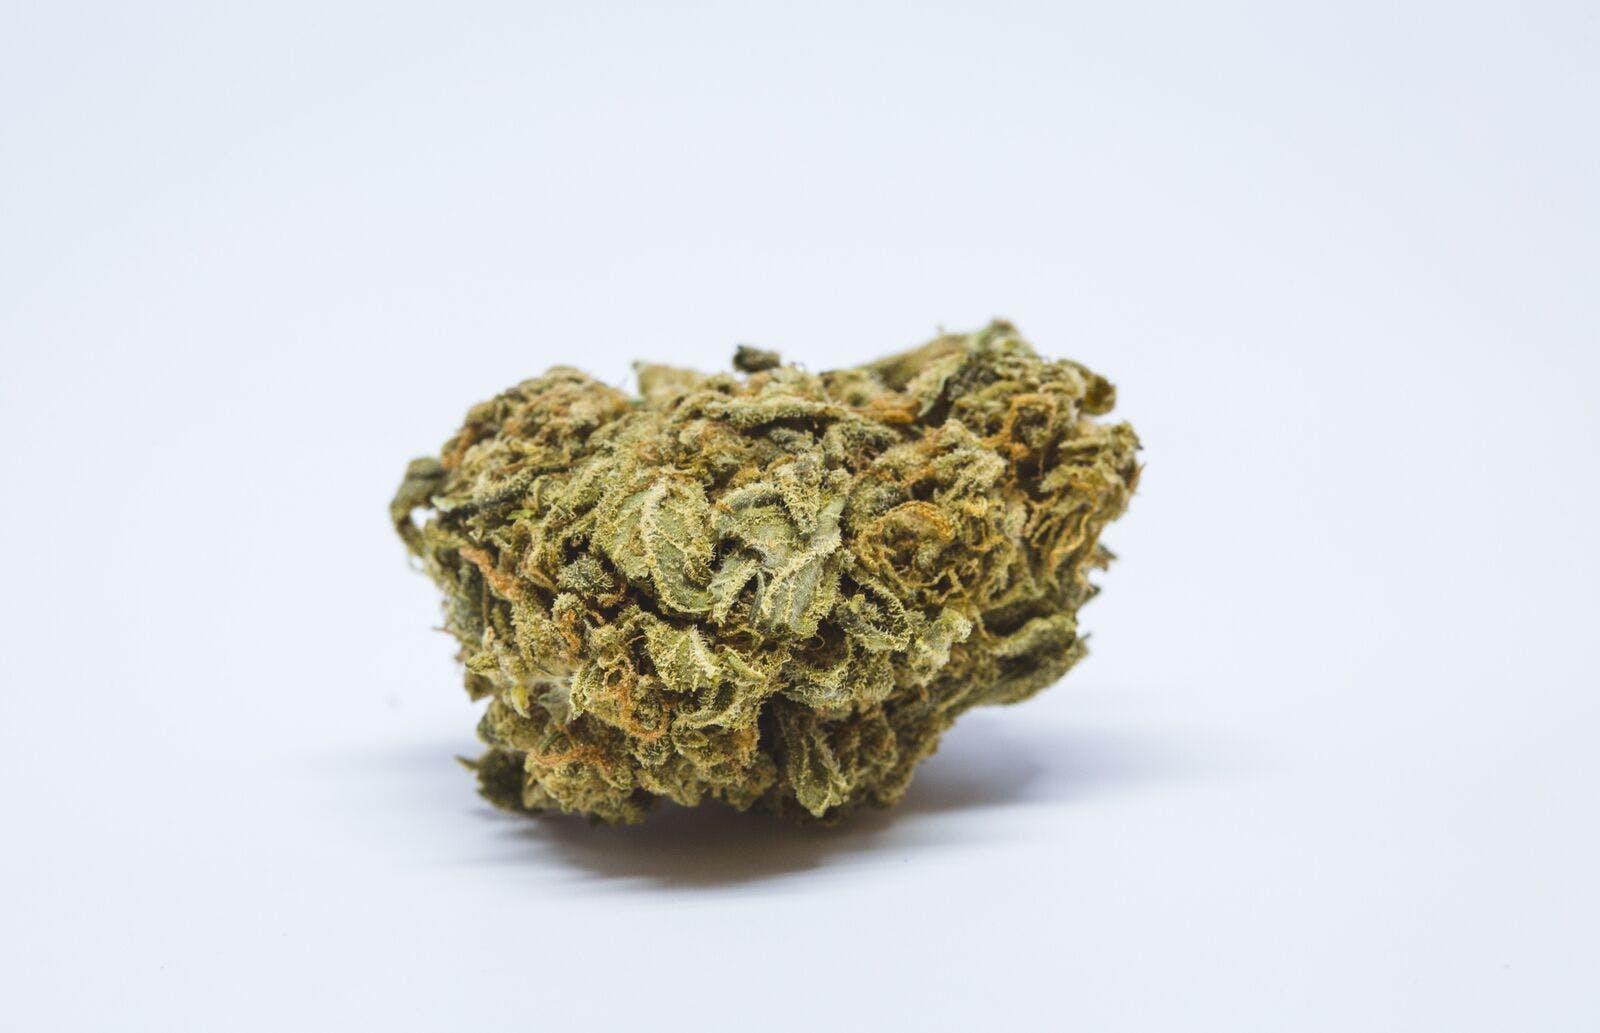 Key Lime Pie Weed; Key Lime Pie Cannabis Strain, Key Lime Pie Hybrid Marijuana Strain